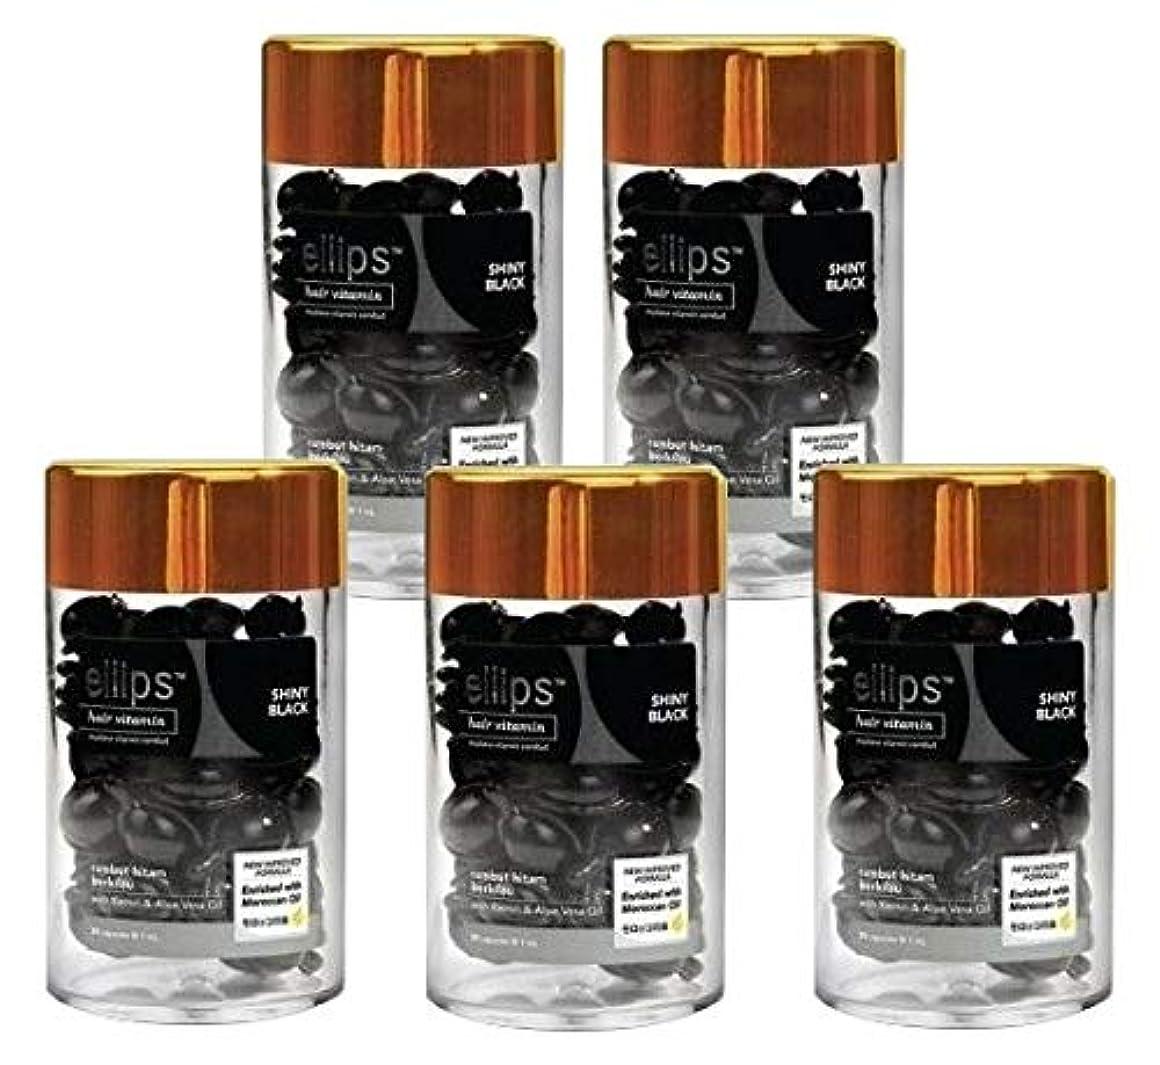 疎外する神秘的なフレームワークエリップス ellips ヘアビタミン ヘアトリートメント 50粒 ボトル ブラック お得な5本セット [並行輸入品]